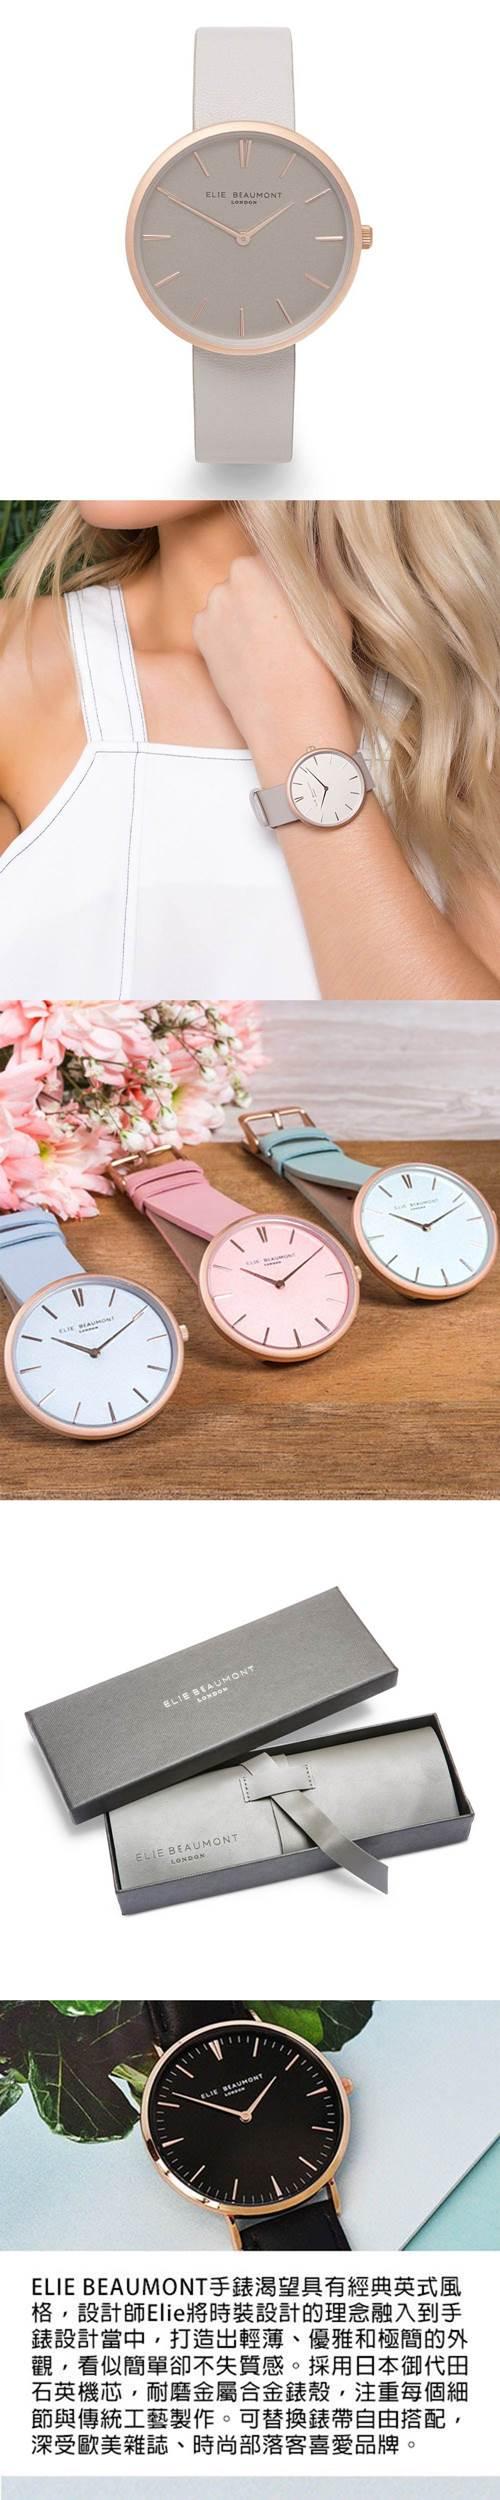 (複製)Elie Beaumont 英國時尚手錶HAMPSTEAD系列 嫩粉x磨砂玫瑰金框38mm